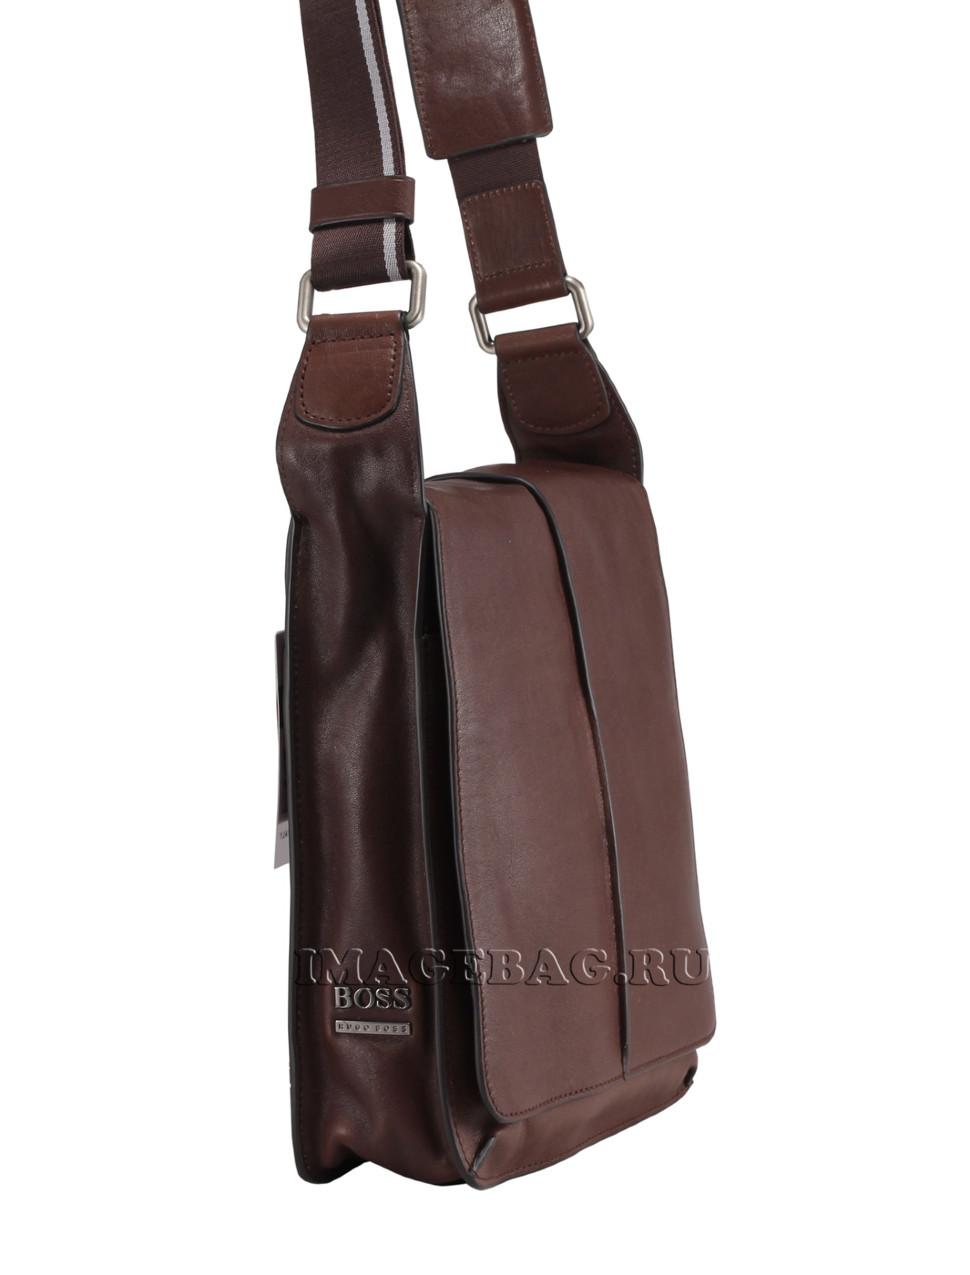 efe3001b7b13 Мужская коричневая сумка Hugo Boss 6055-9-47-1 купить в ...